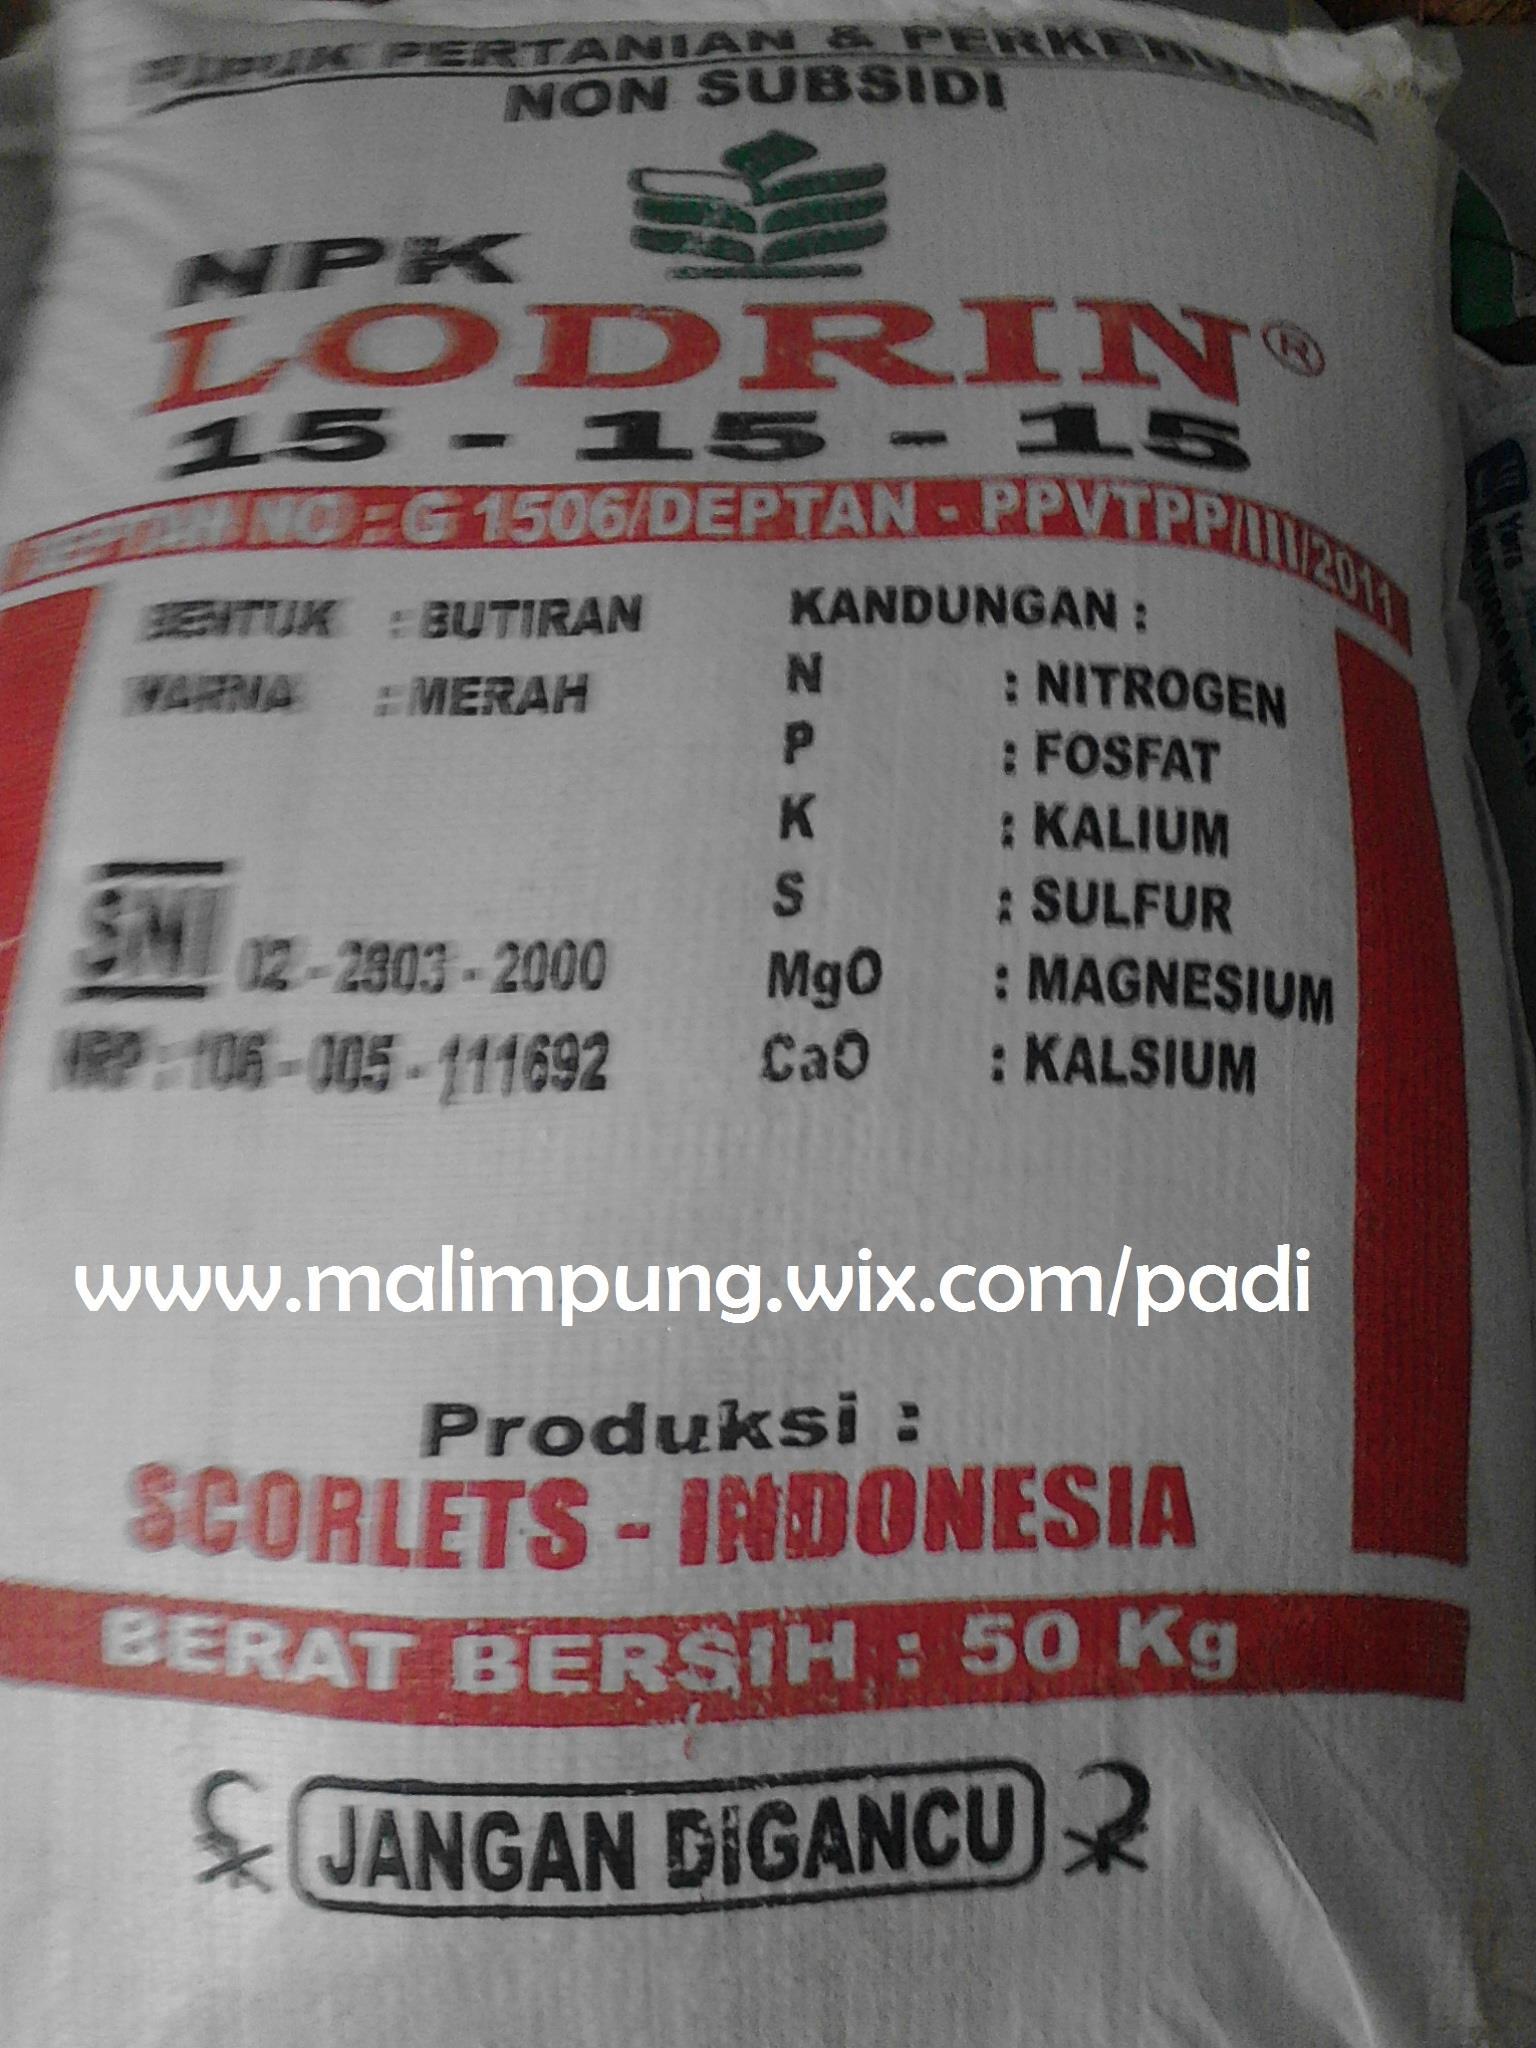 Jual Pupuk Npk Lodrin 15 15 15 Harga Murah Makassar Oleh